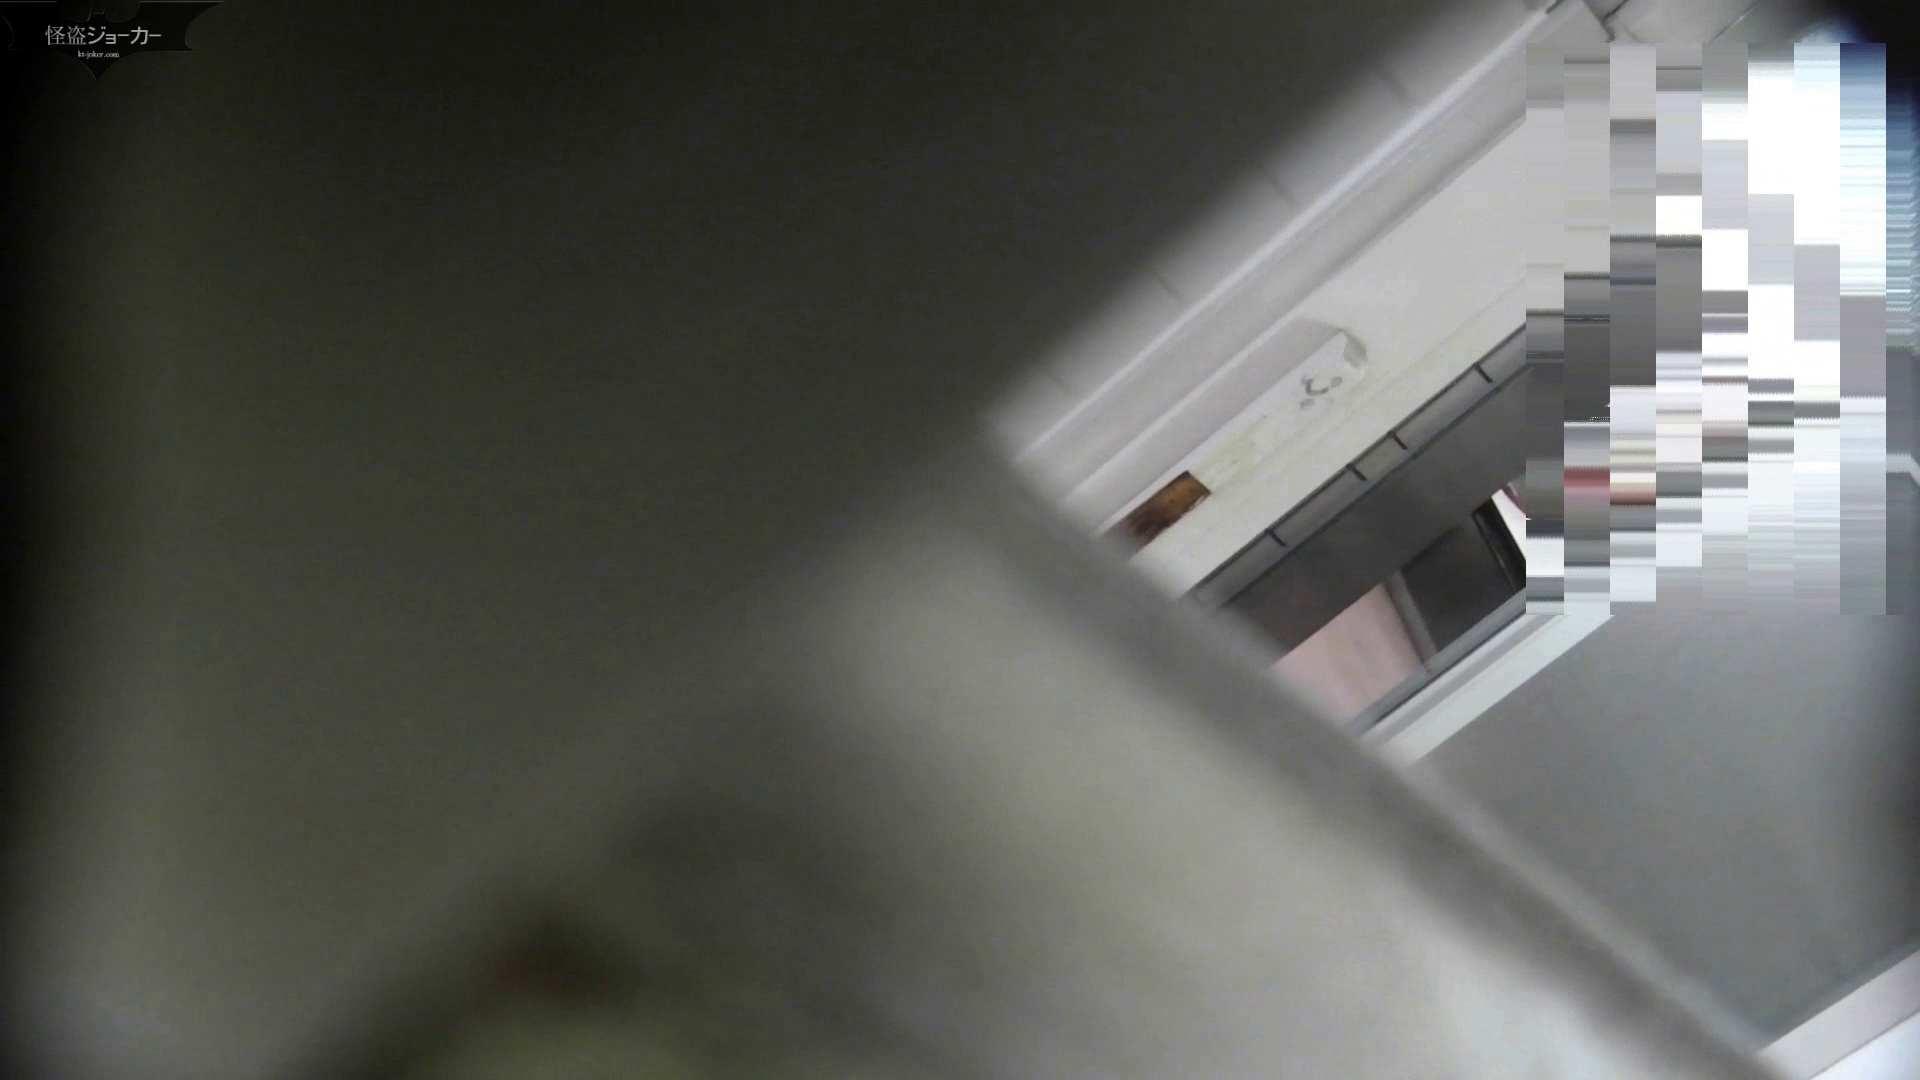 【美しき個室な世界】洗面所特攻隊 vol.051 洗面所着替え   OL  61連発 19